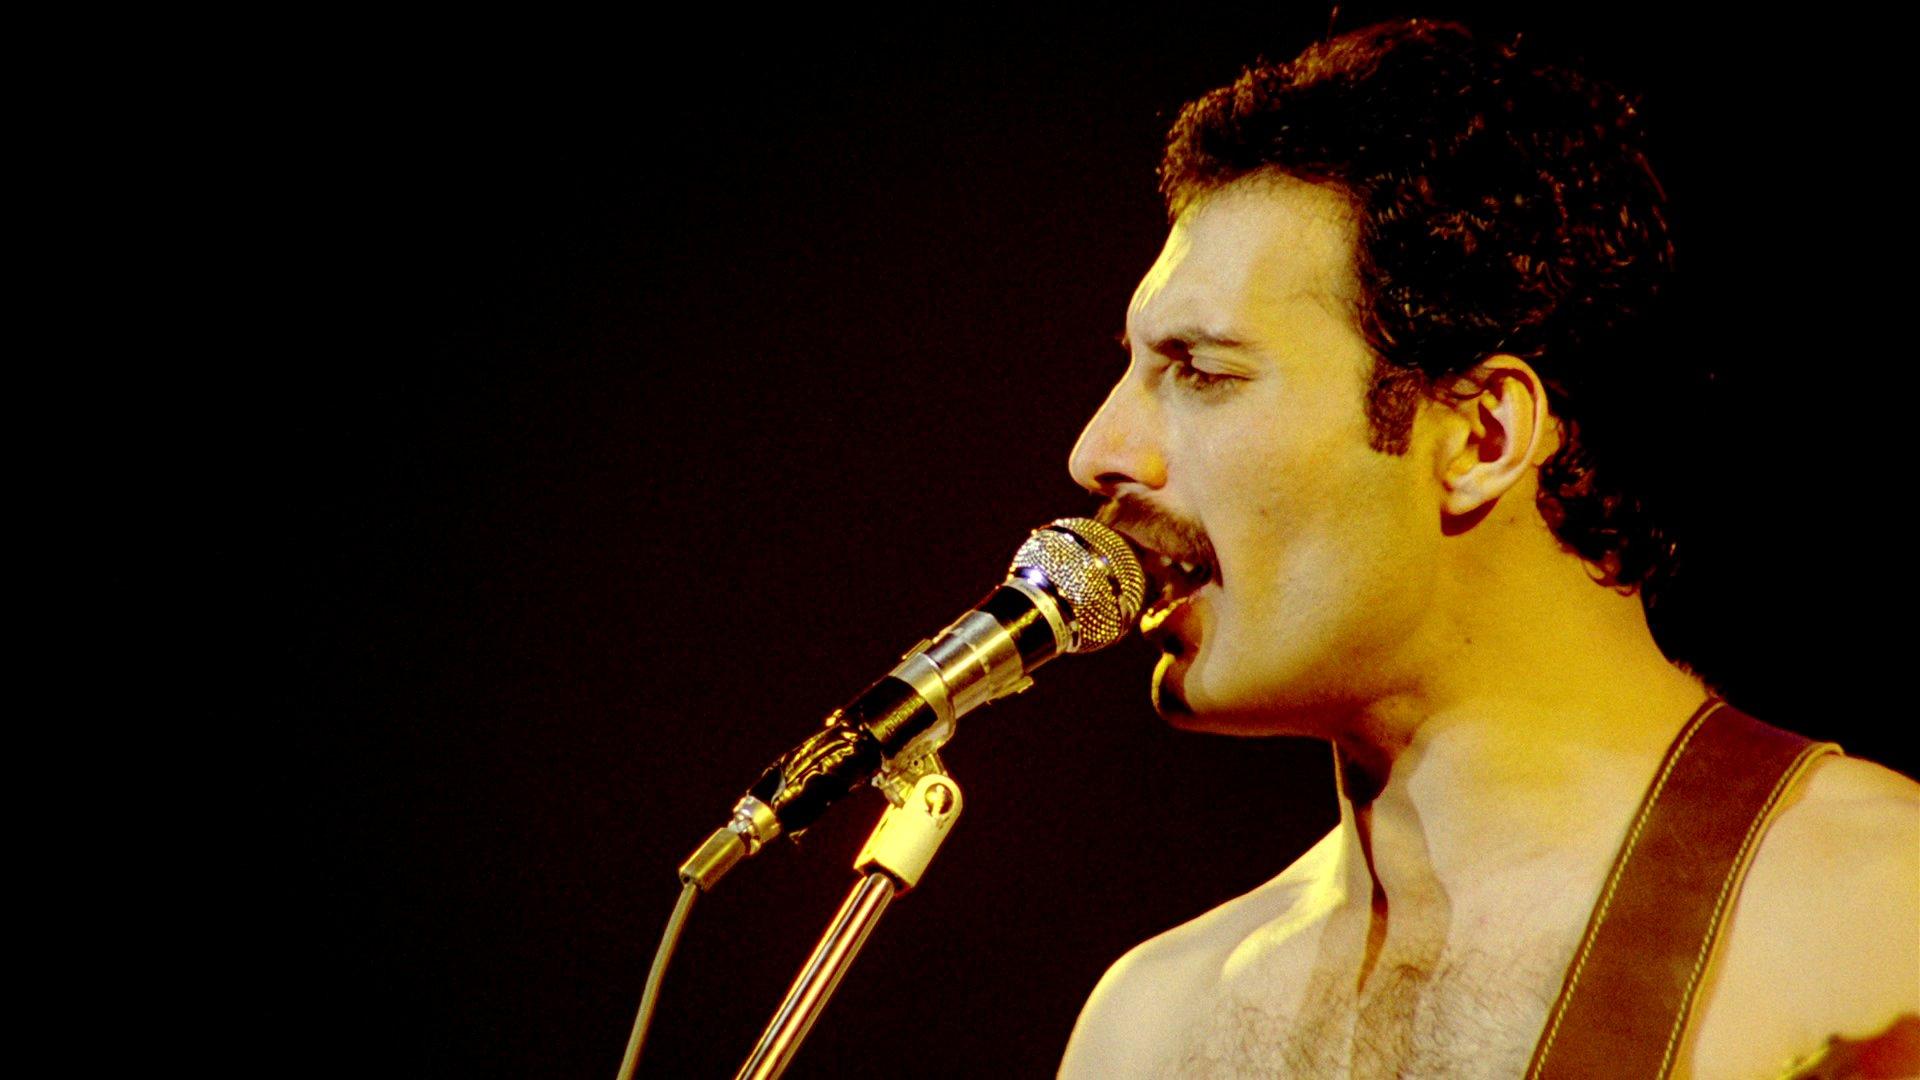 Freddie Mercury - 1920x1080